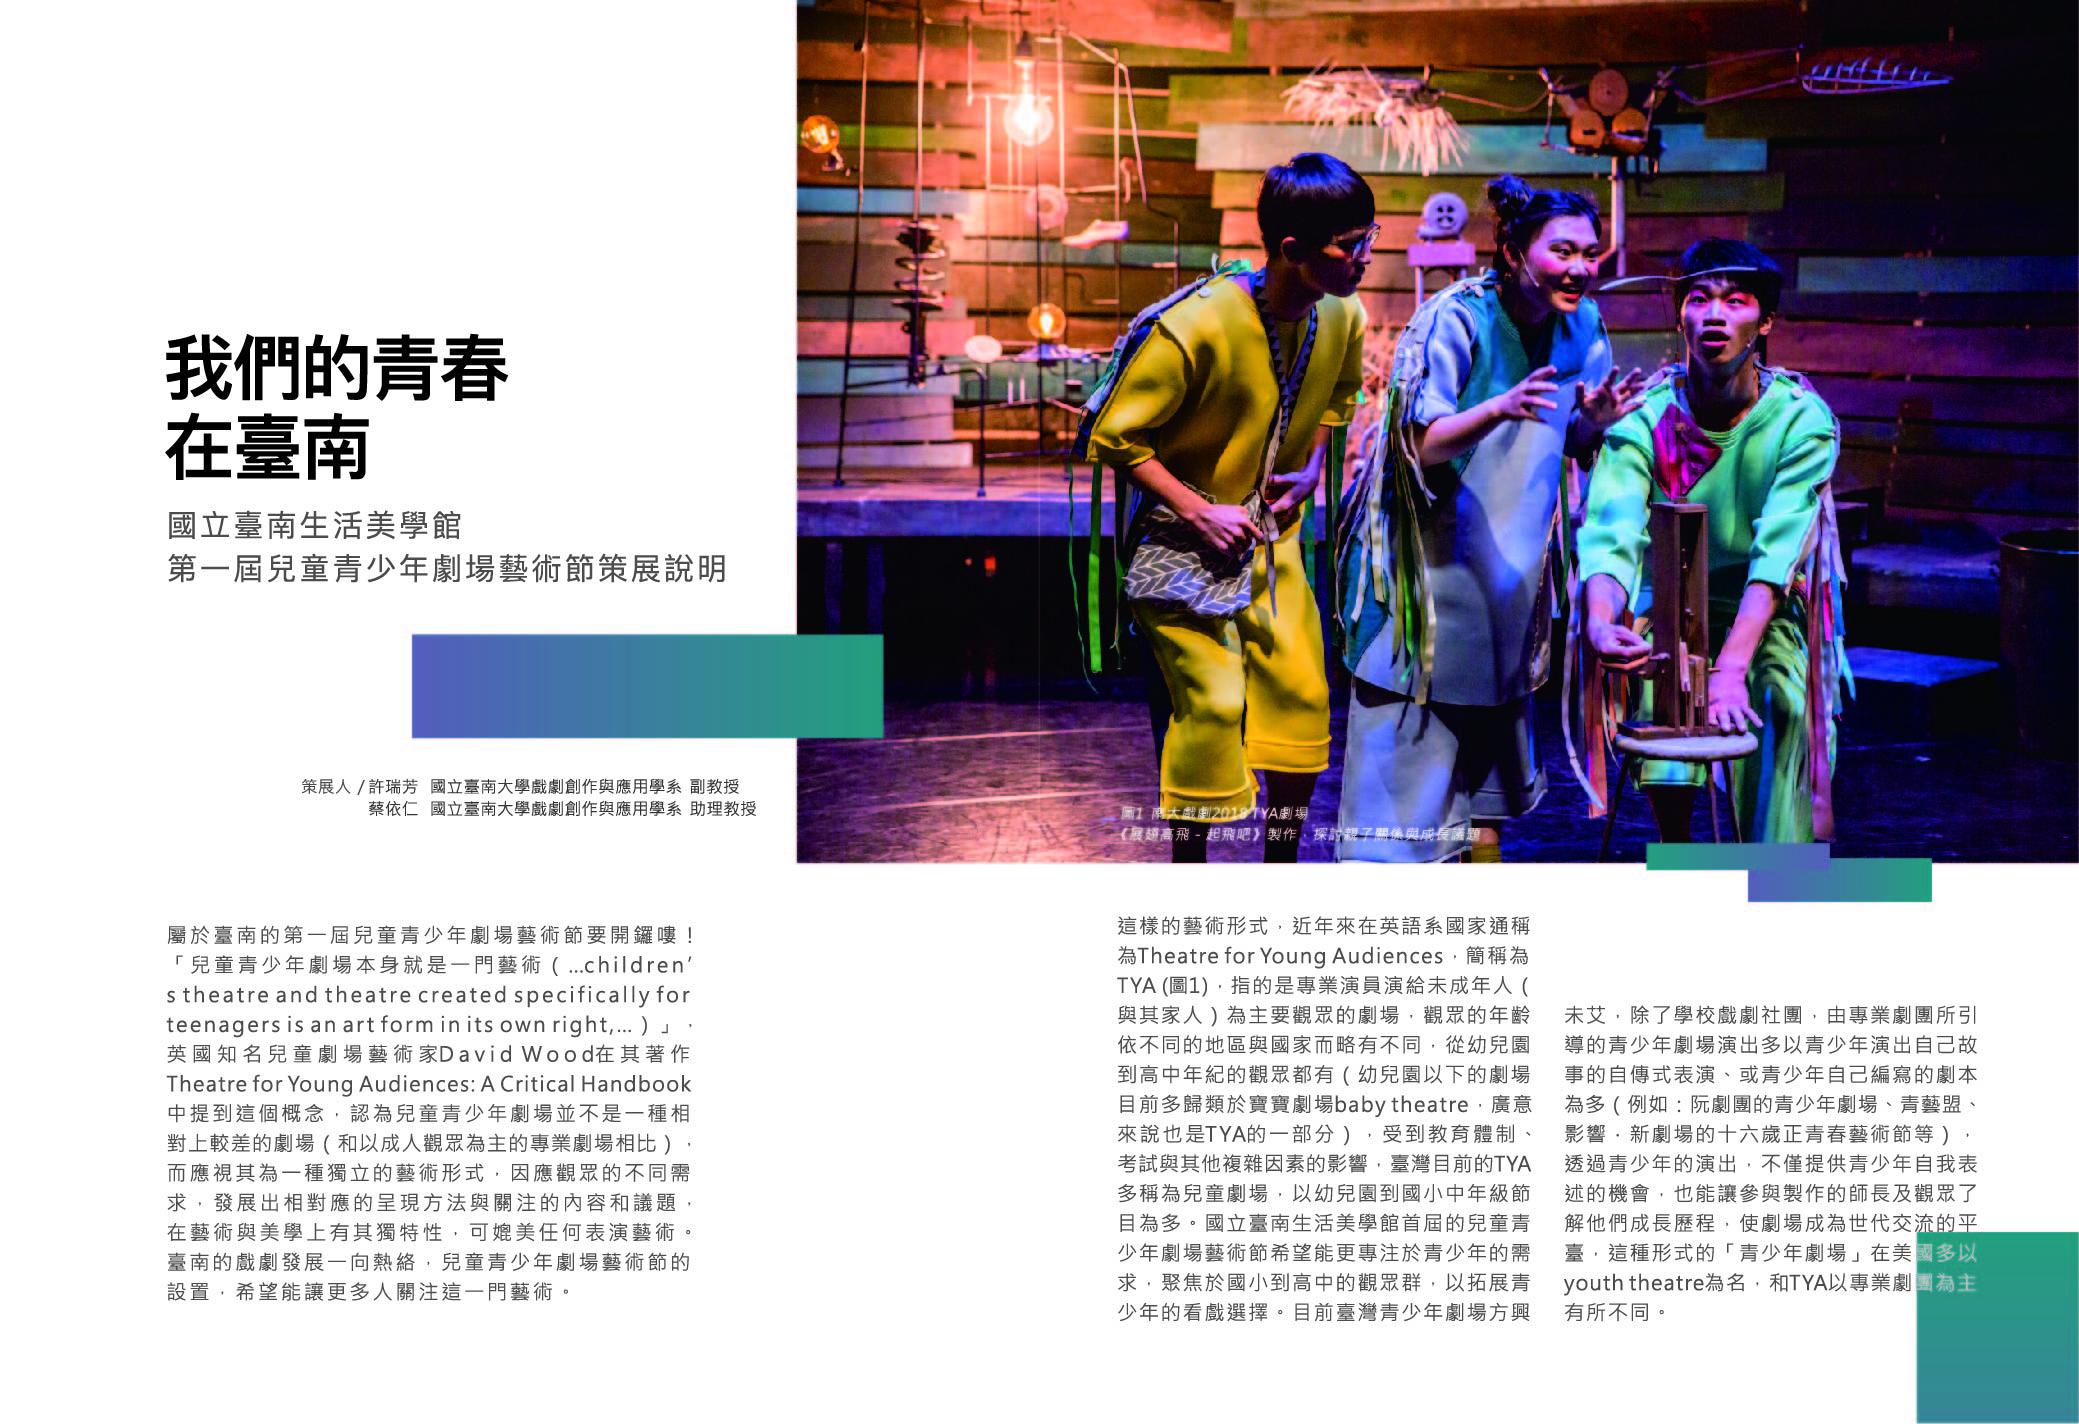 我們的青春在臺南-01.jpg